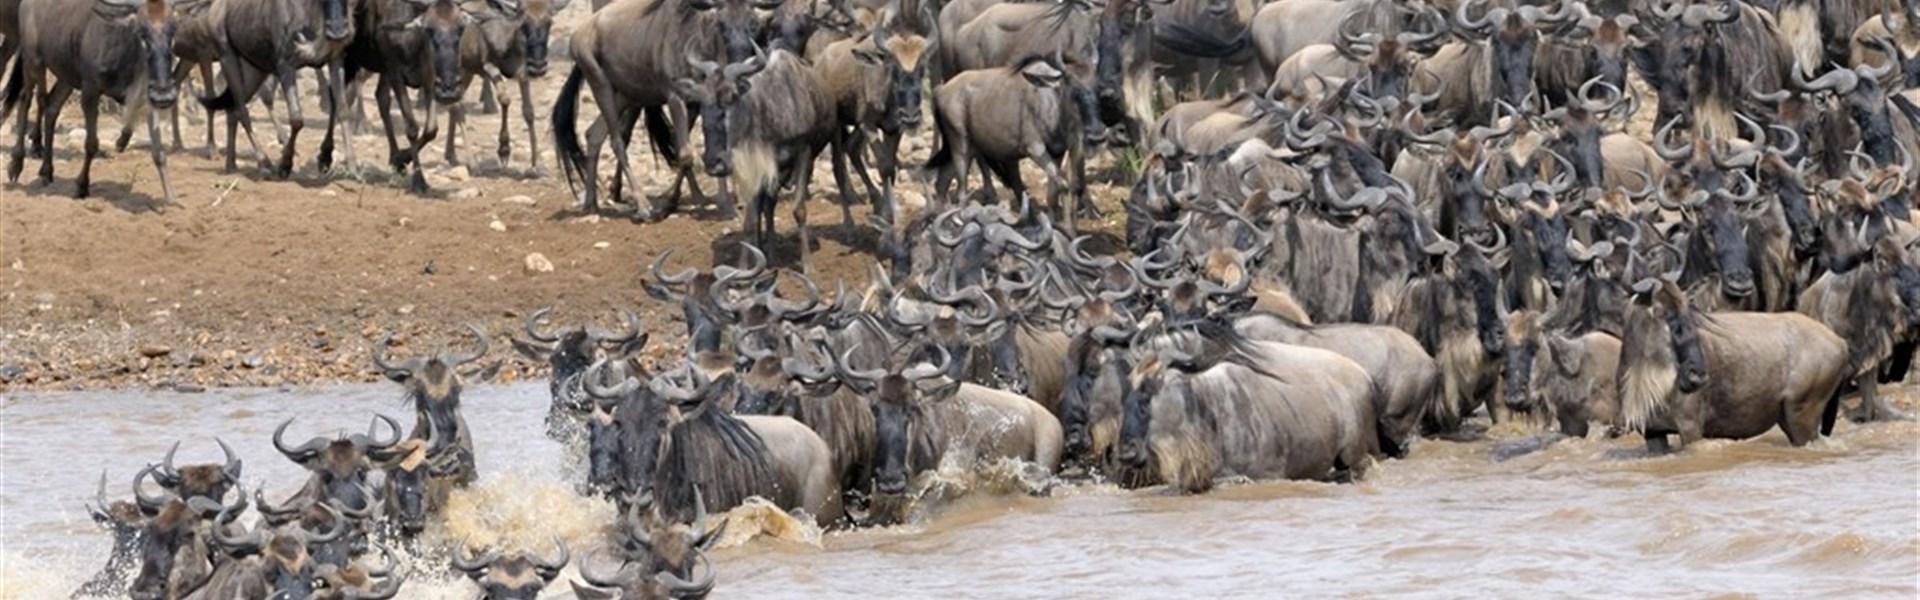 Safari v Keni - Velká migrace -